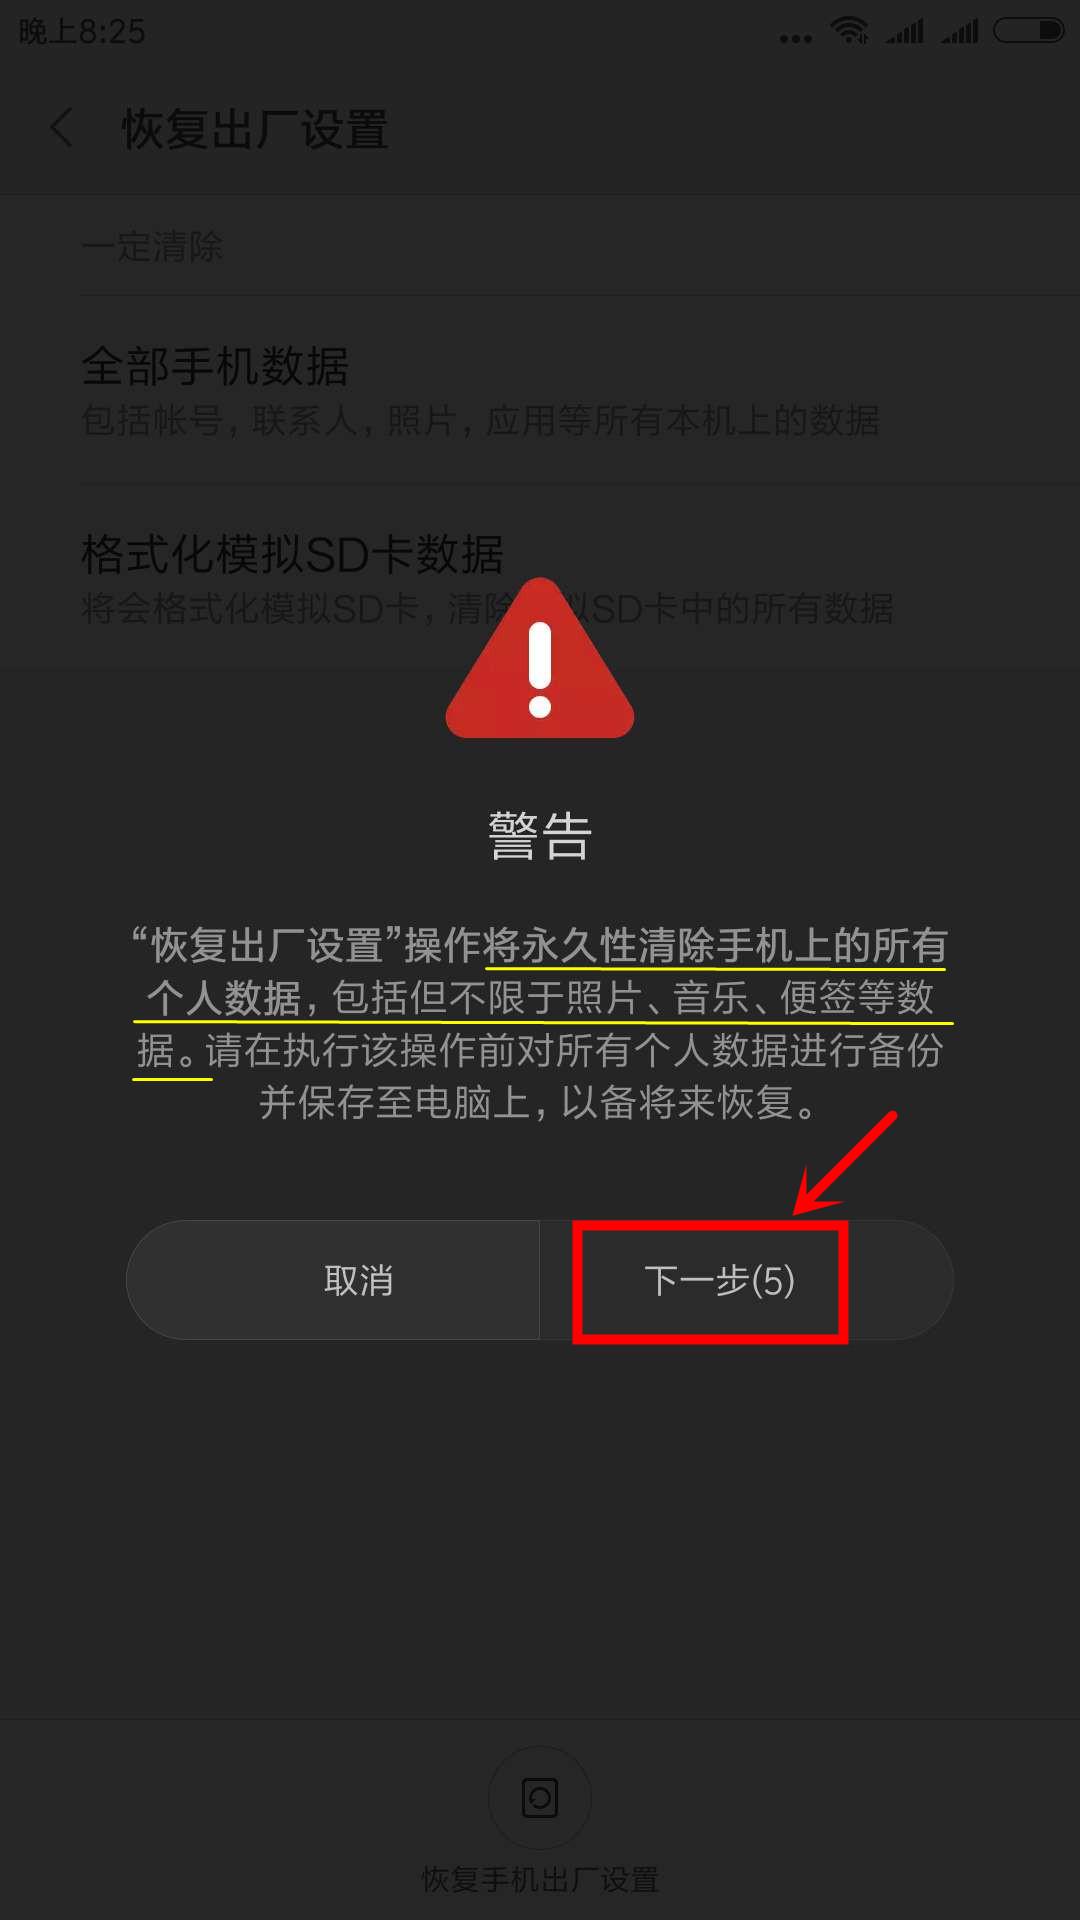 lg手机恢复出厂设置_手机如何恢复出厂设置_百度知道